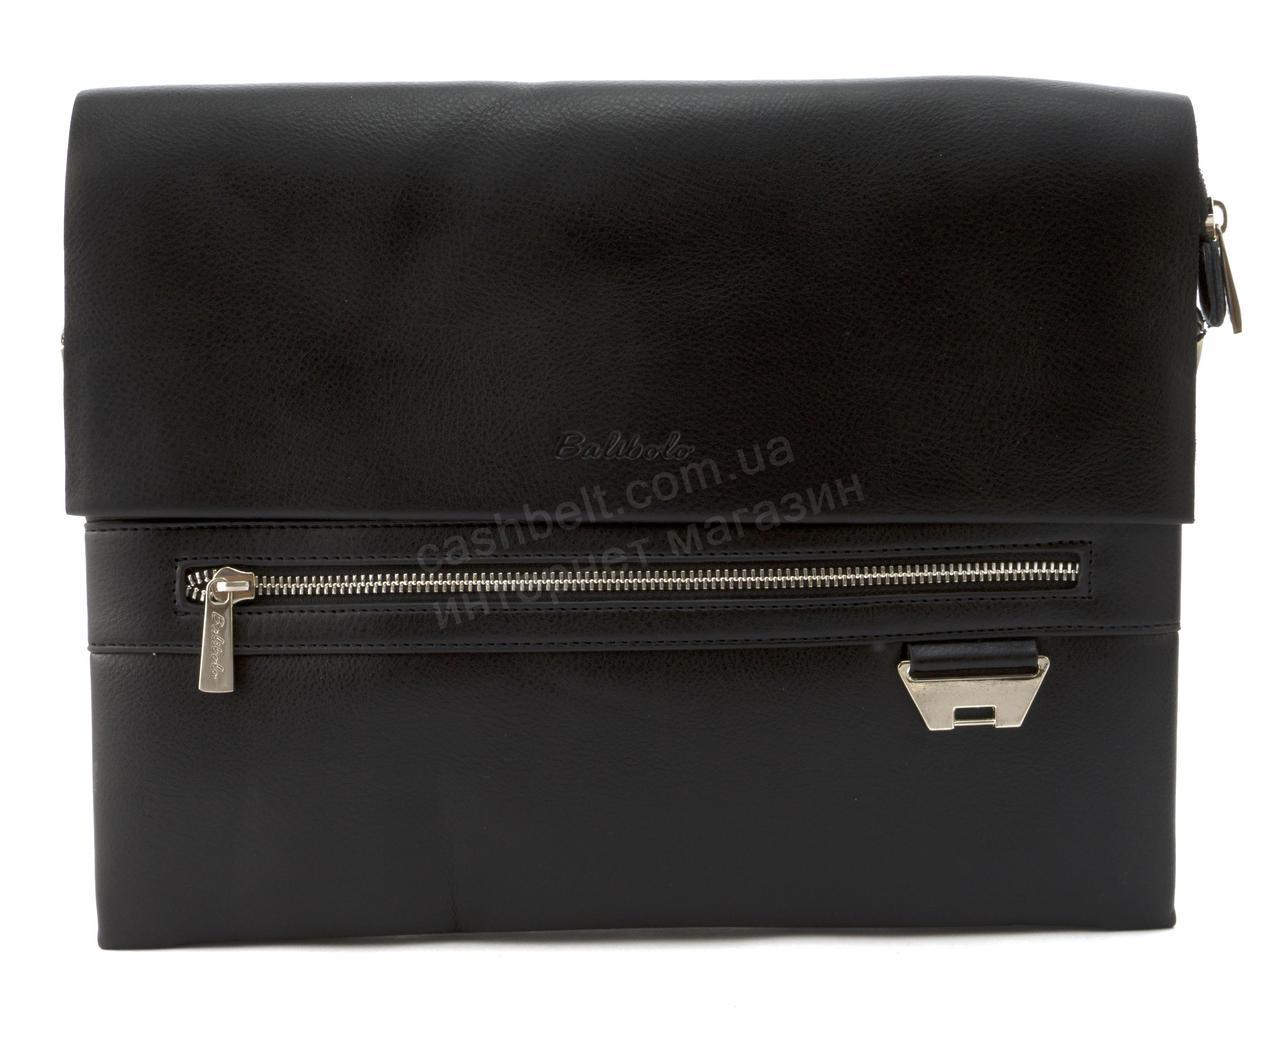 Якісна чоловіча сумка під формат А4 з міцної шкіри PU BALIBOLO art. 3688-6 чорна